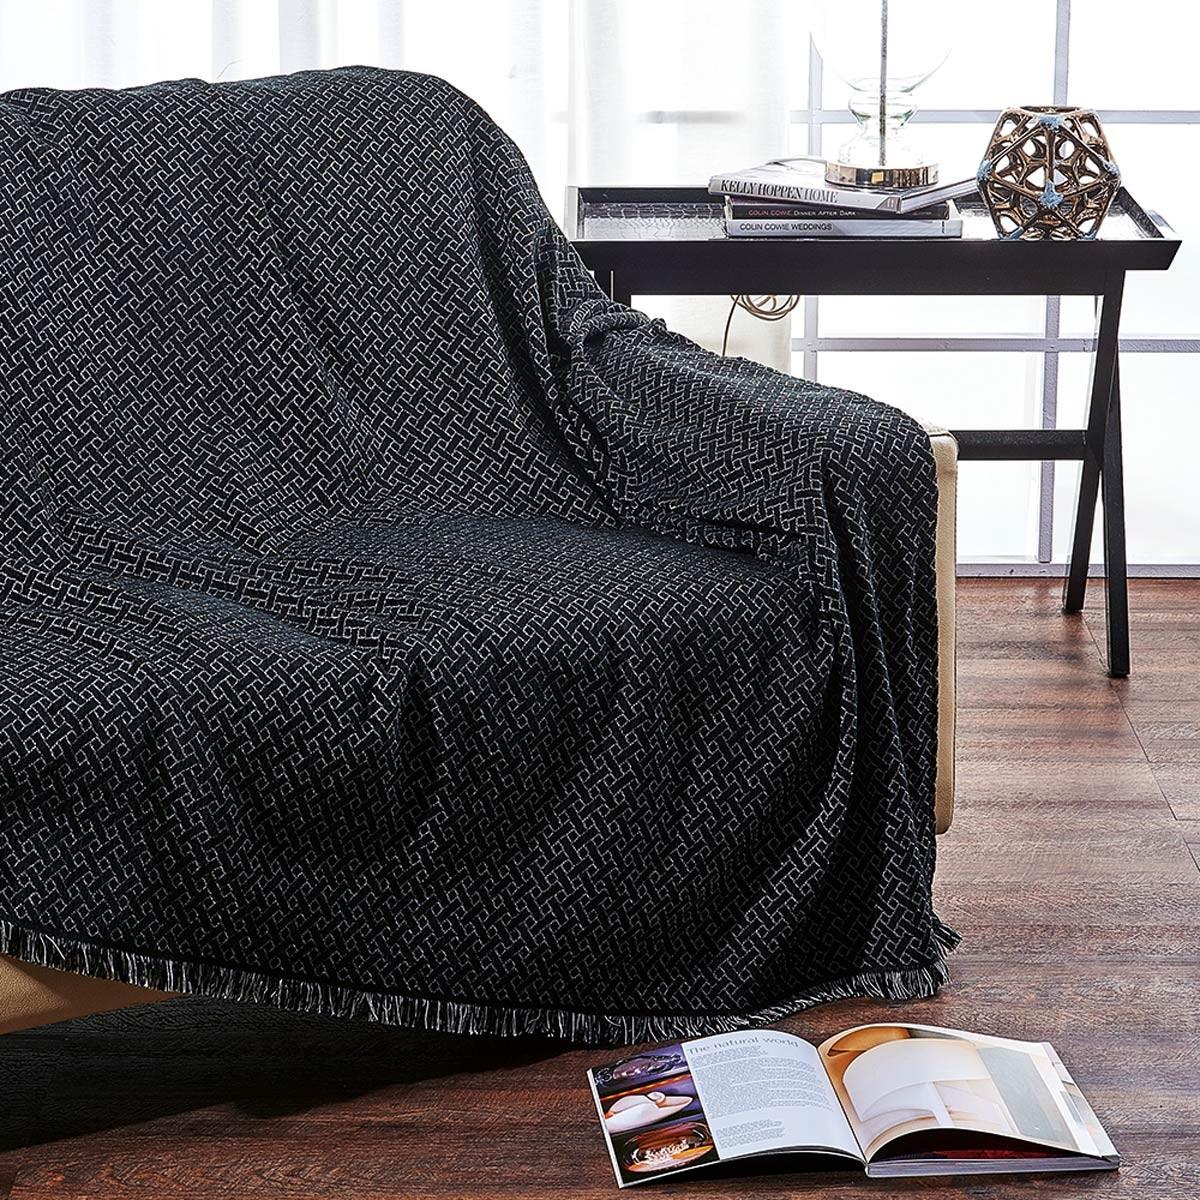 Ριχτάρι Τριθέσιου (180x300) V19.69 Plegma Black